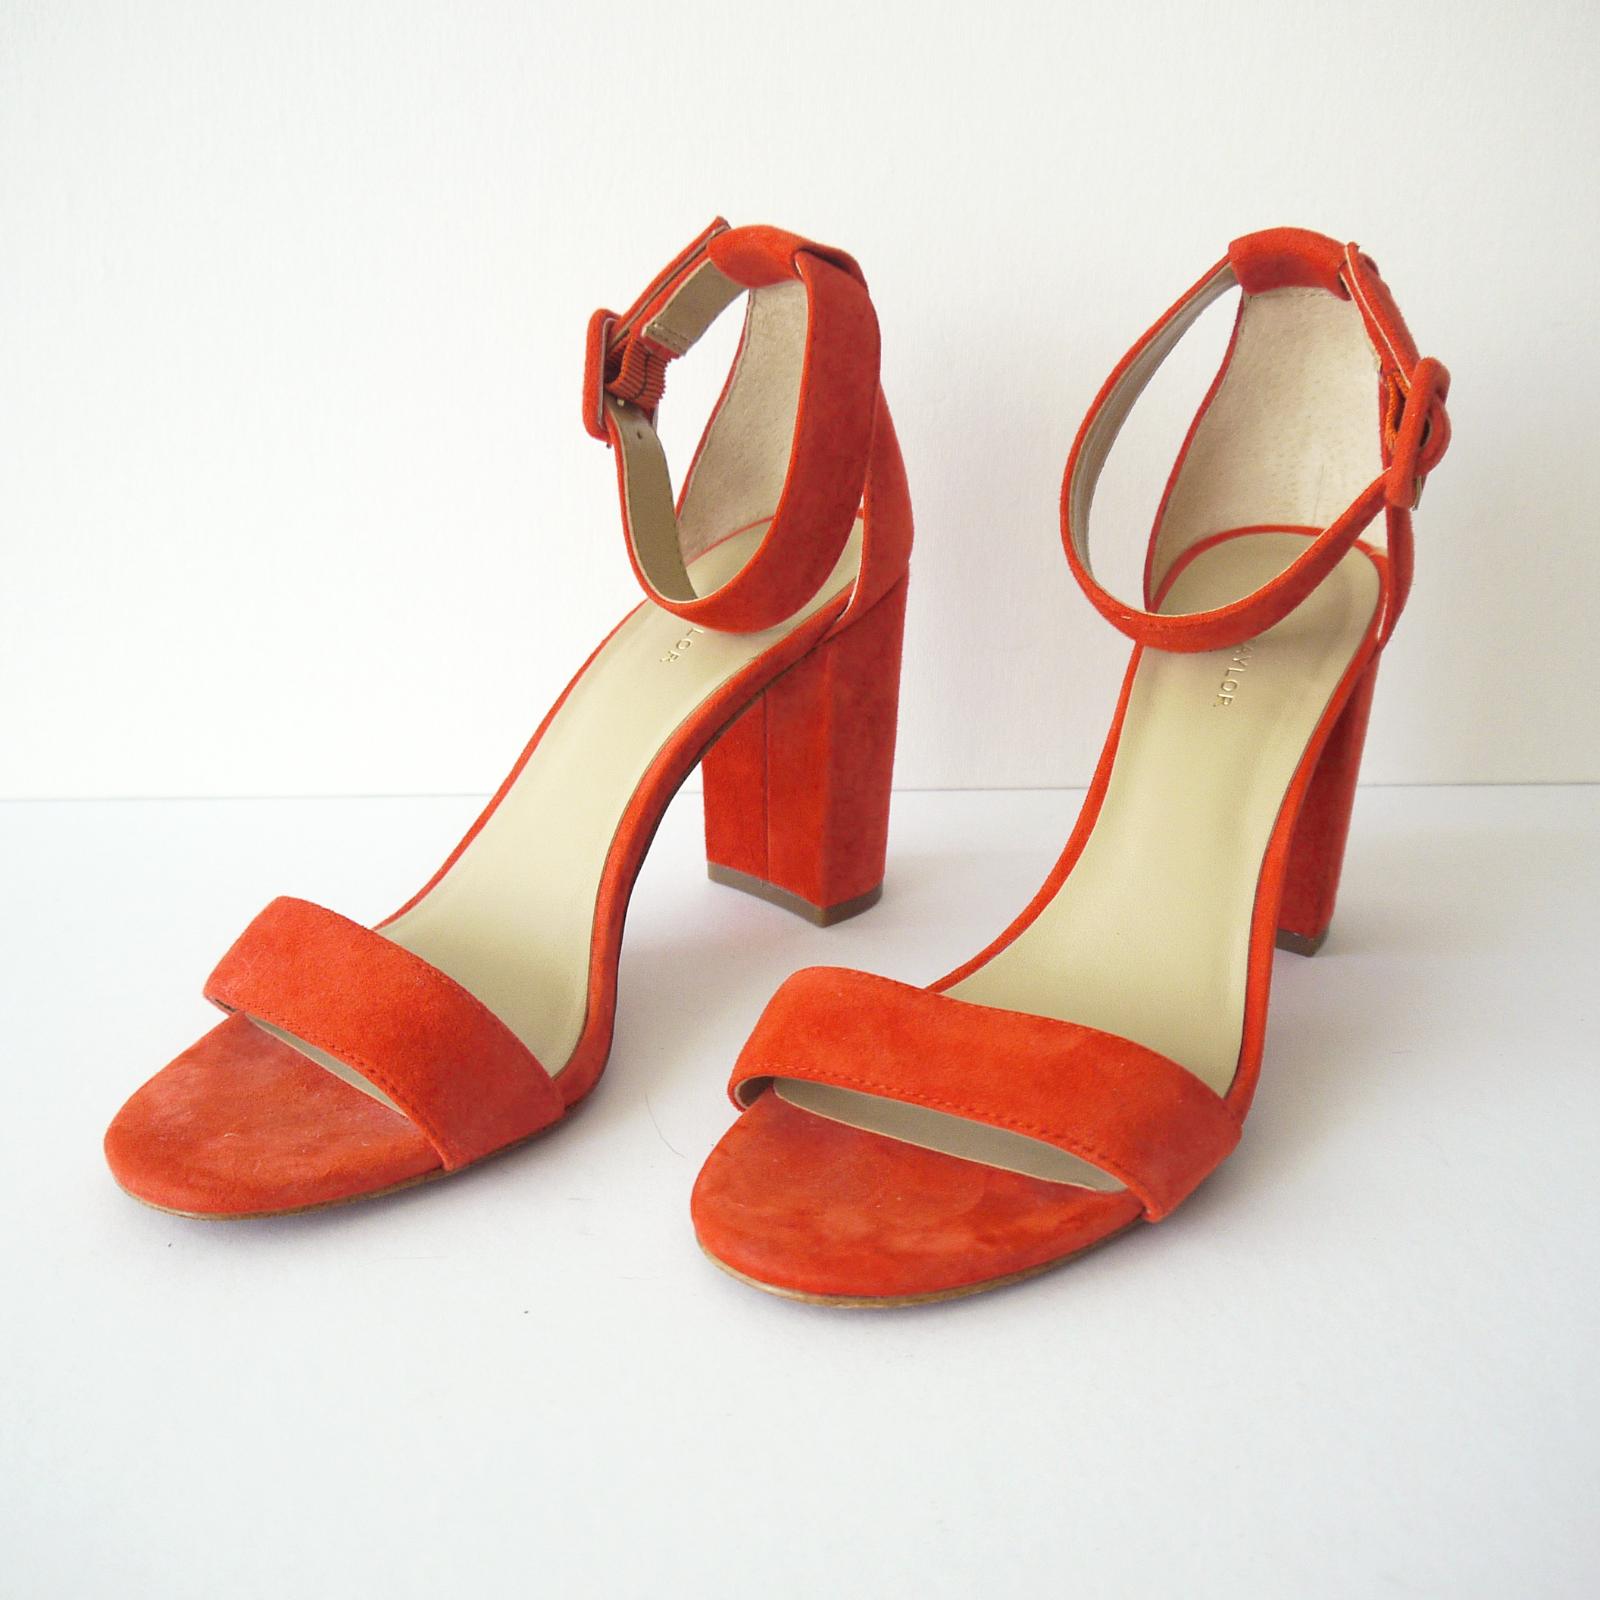 Ann Taylor mocka Block Heel Sandaler Ankle Strap, Mörka korallfärgad korallfärgad korallfärgad storlek 7M  hög kvalitet